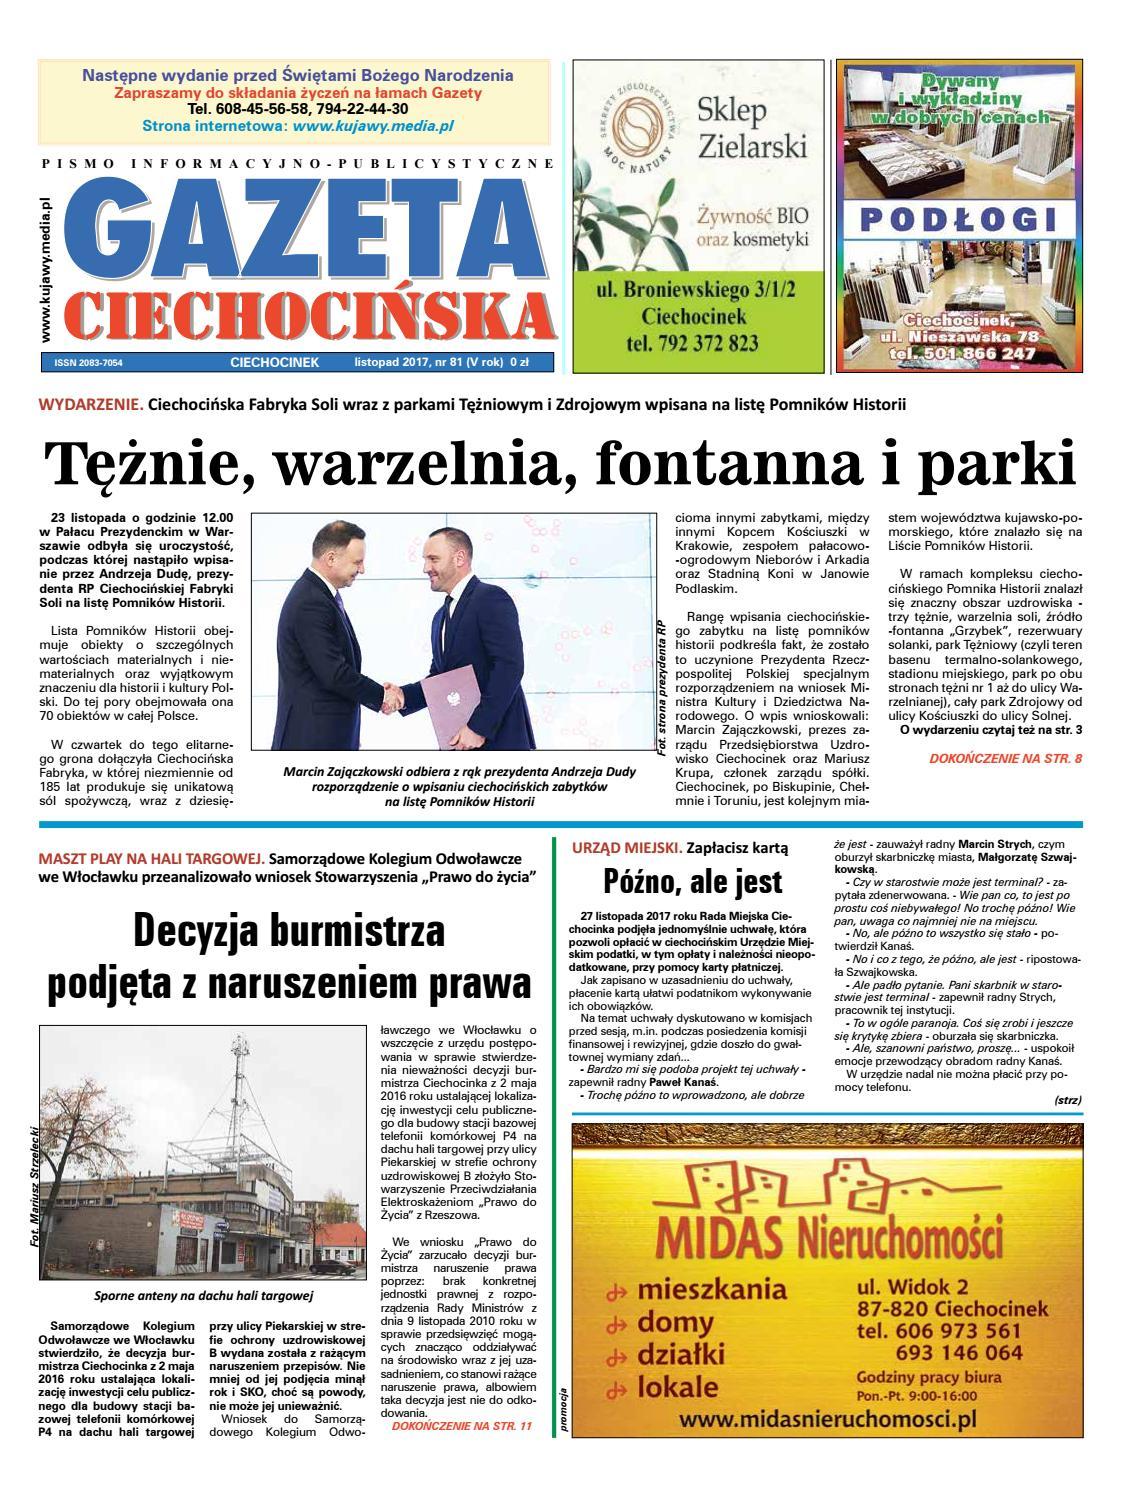 Gazeta Ciechocinska 81 2017 By Wydawnictwo Kujawy Issuu